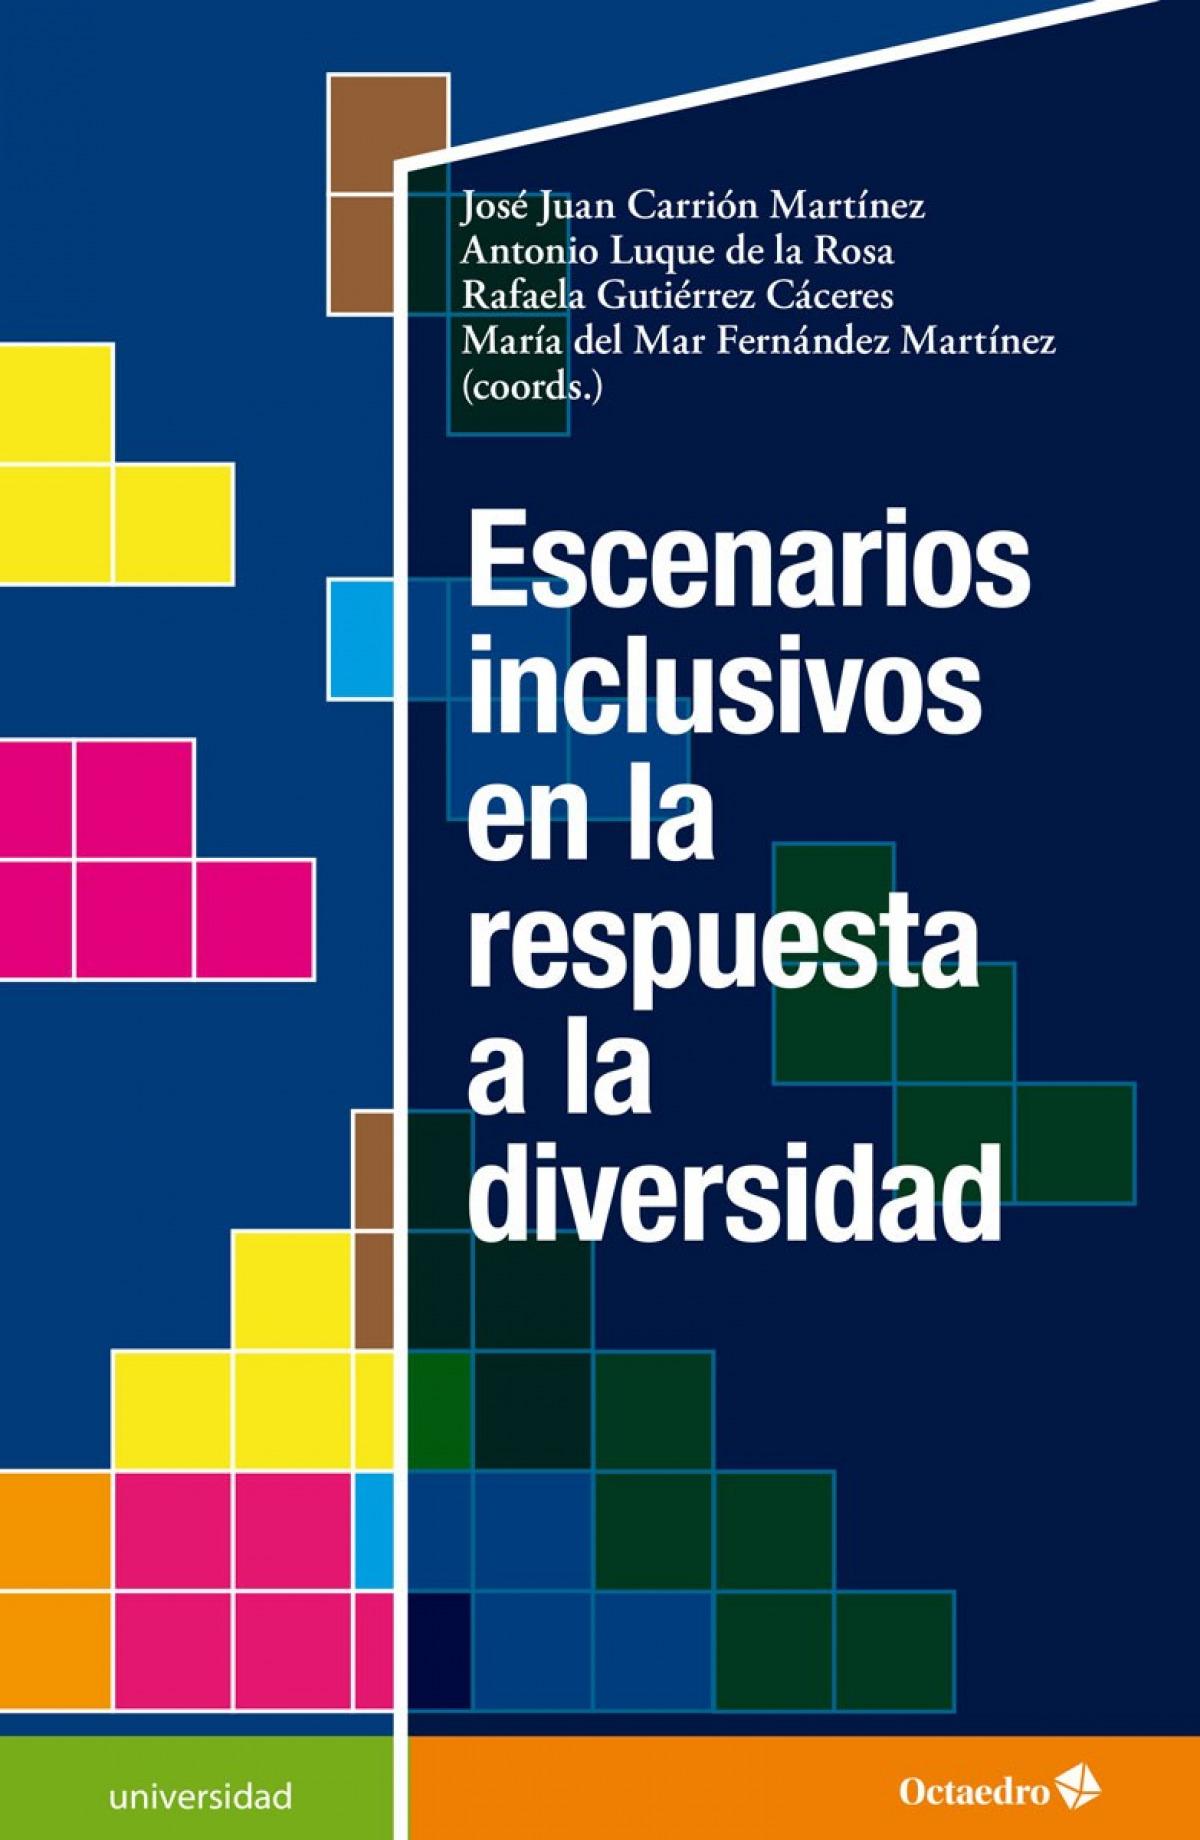 Escenarios inclusivos en respuesta a la diversidad